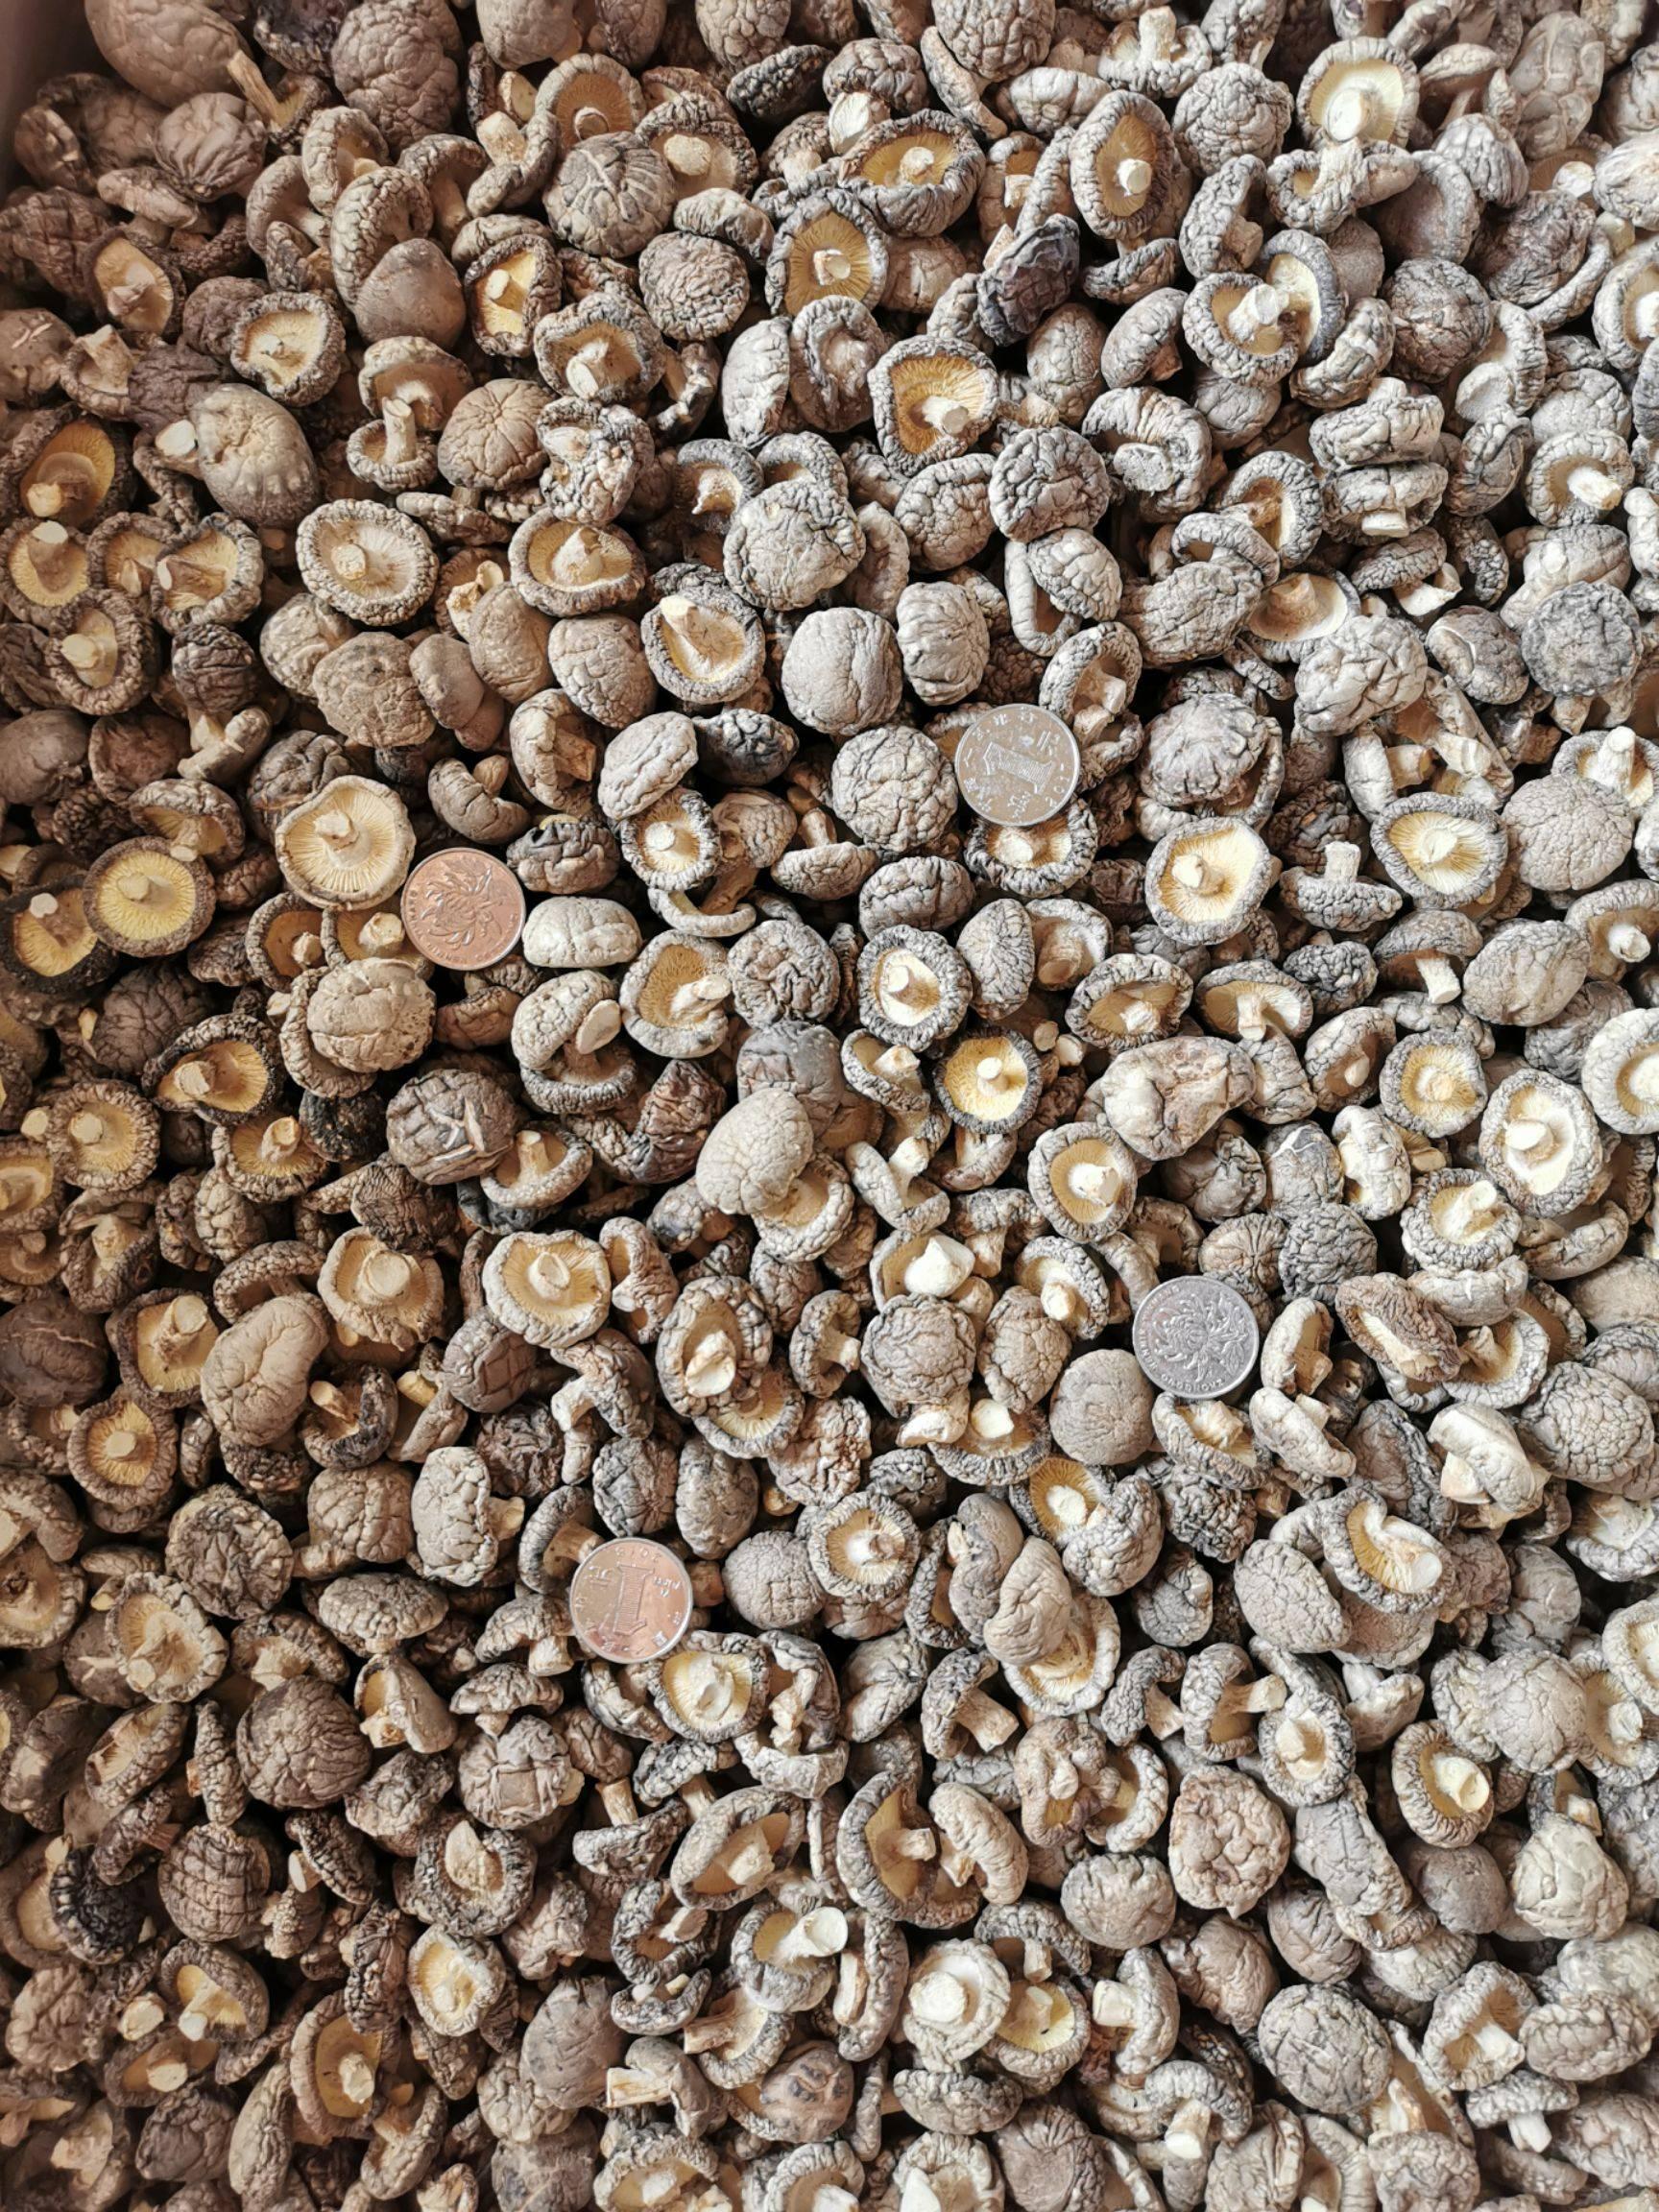 [光面菇批发]光面菇  香菇   黑面A3   22.5    精选菇    足干价格28元/斤